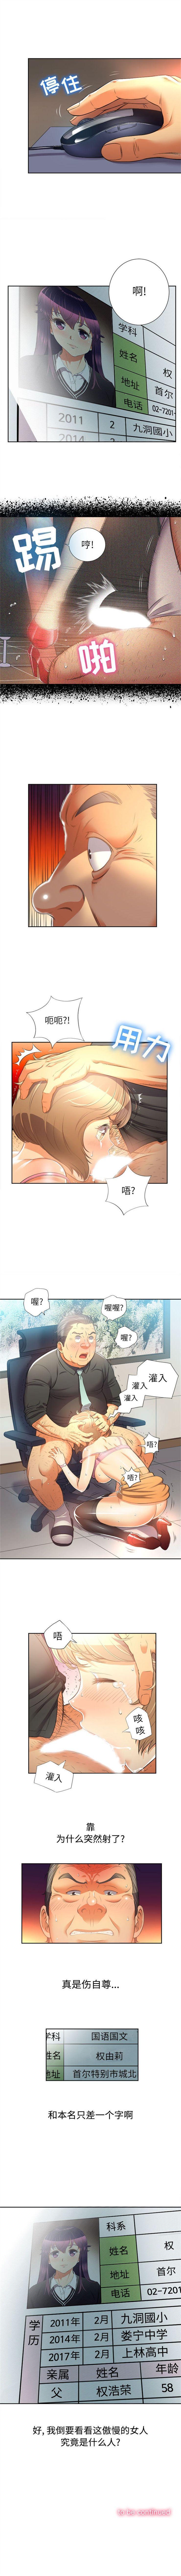 由莉的秘密1-60 中文翻译 (更新中) 97